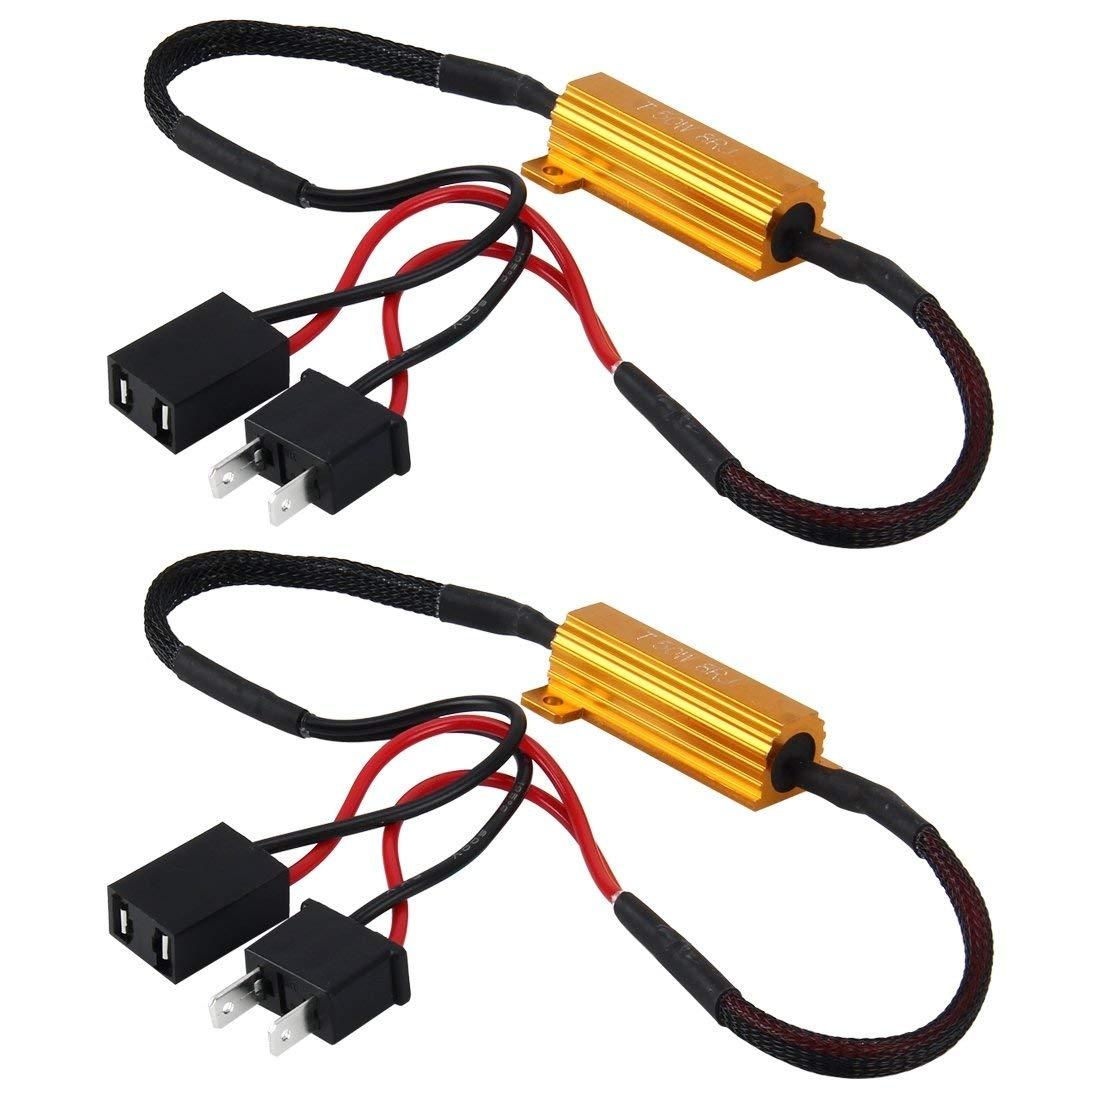 Автомобильный нагрузочный резистор 50 Вт H1 H3 H7 H11 9006 hb3 hb4 h9 h8 h10, подавление ошибок, светодиодный декодер Canbus, Бесплатная проводка, подсветка